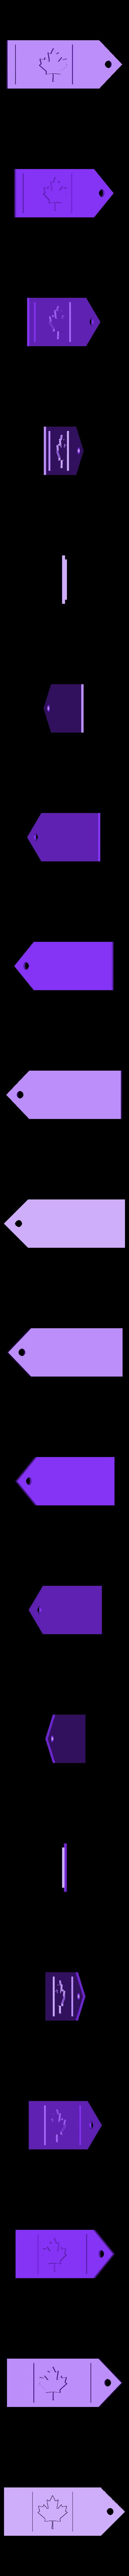 MapleLeaf.stl Download free STL file Maple Leaf Keychain • 3D printing design, Lurgrod